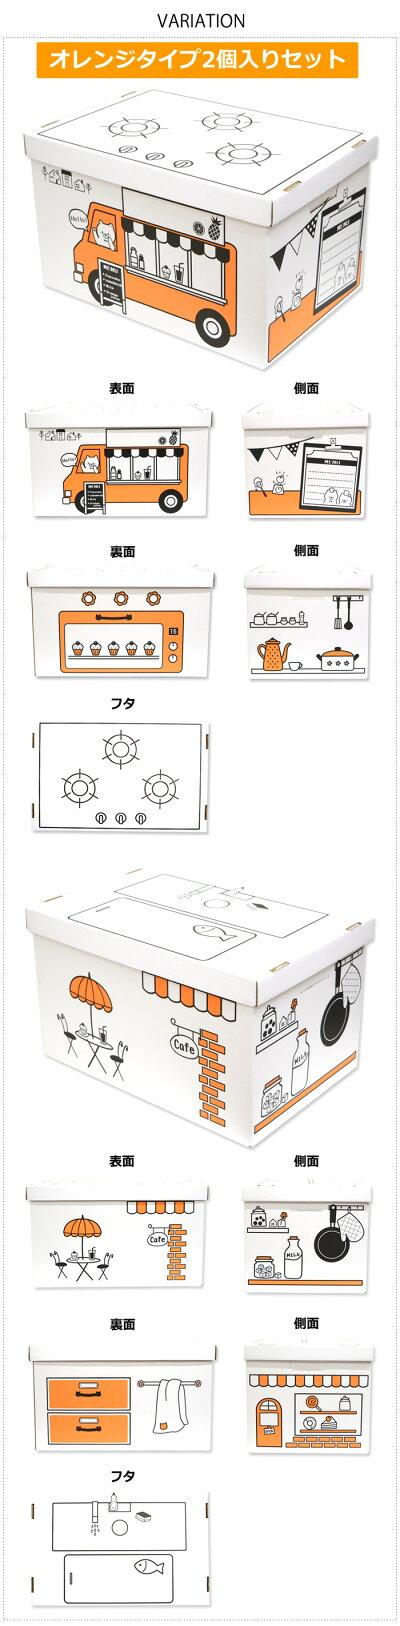 【新商品】【送料無料】ZA55クラフトボックスキッチン2Pセット